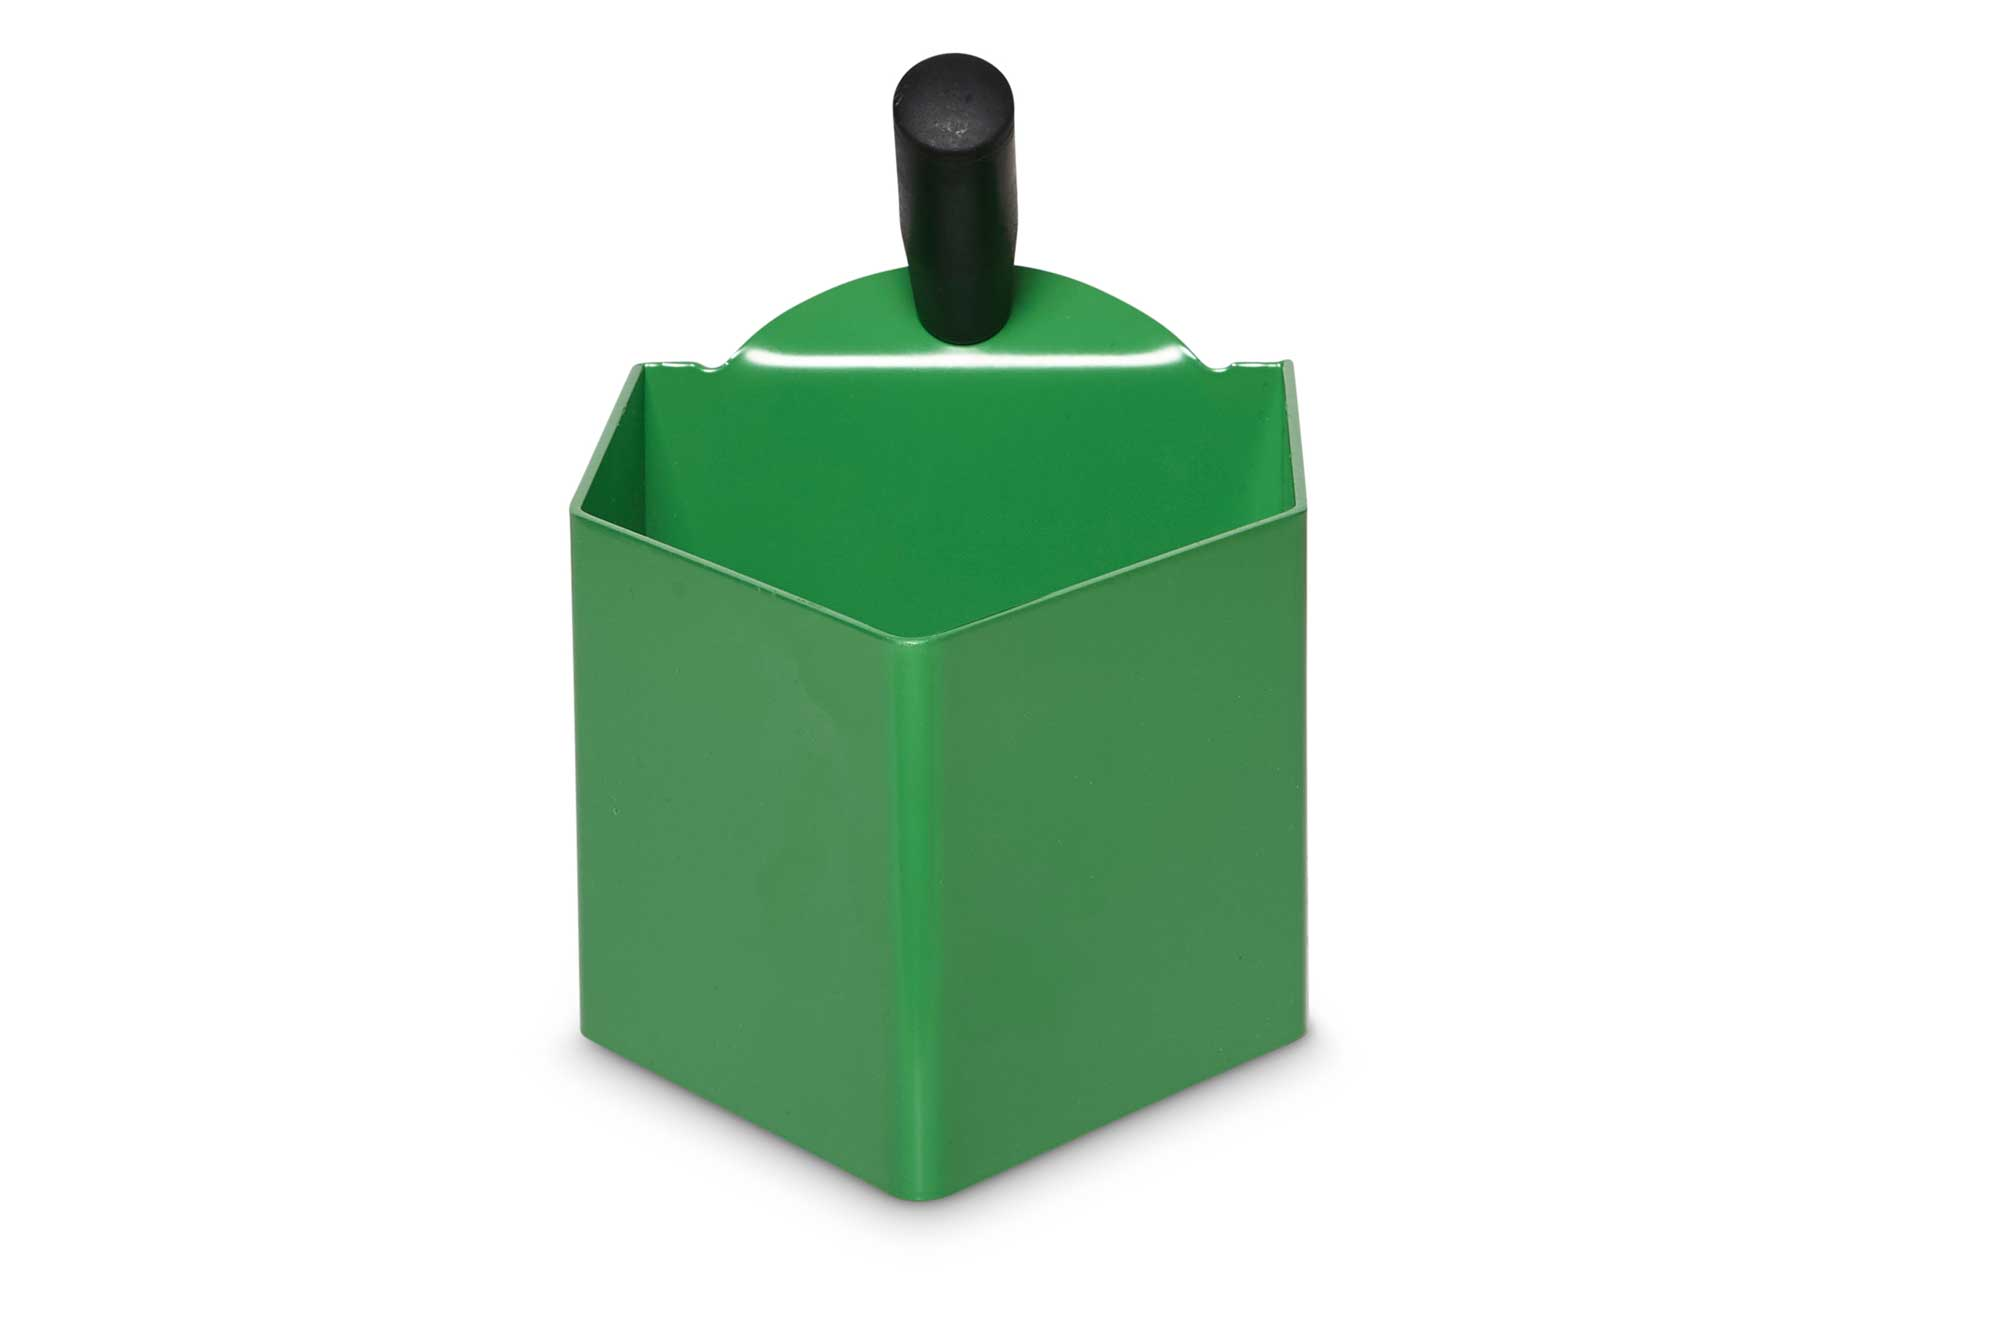 Lijmmachine-kitbak | Always Green Grass Kunstgras